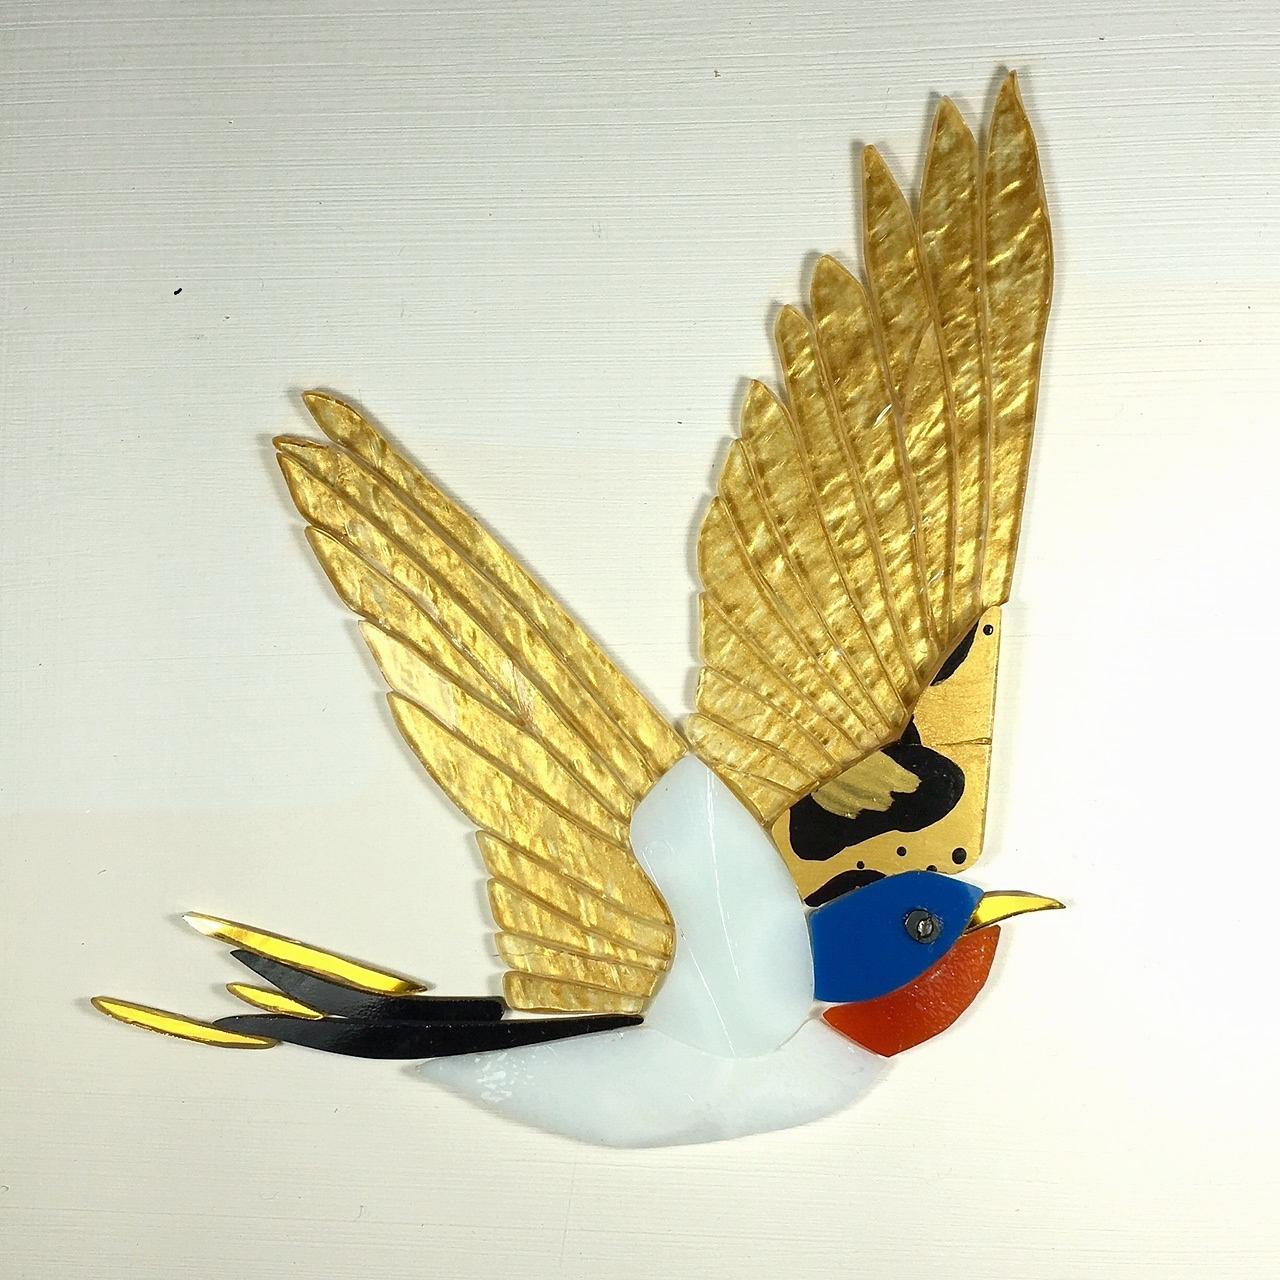 Wing-glass-street-art-leopardwing-bird-nyc.jpg